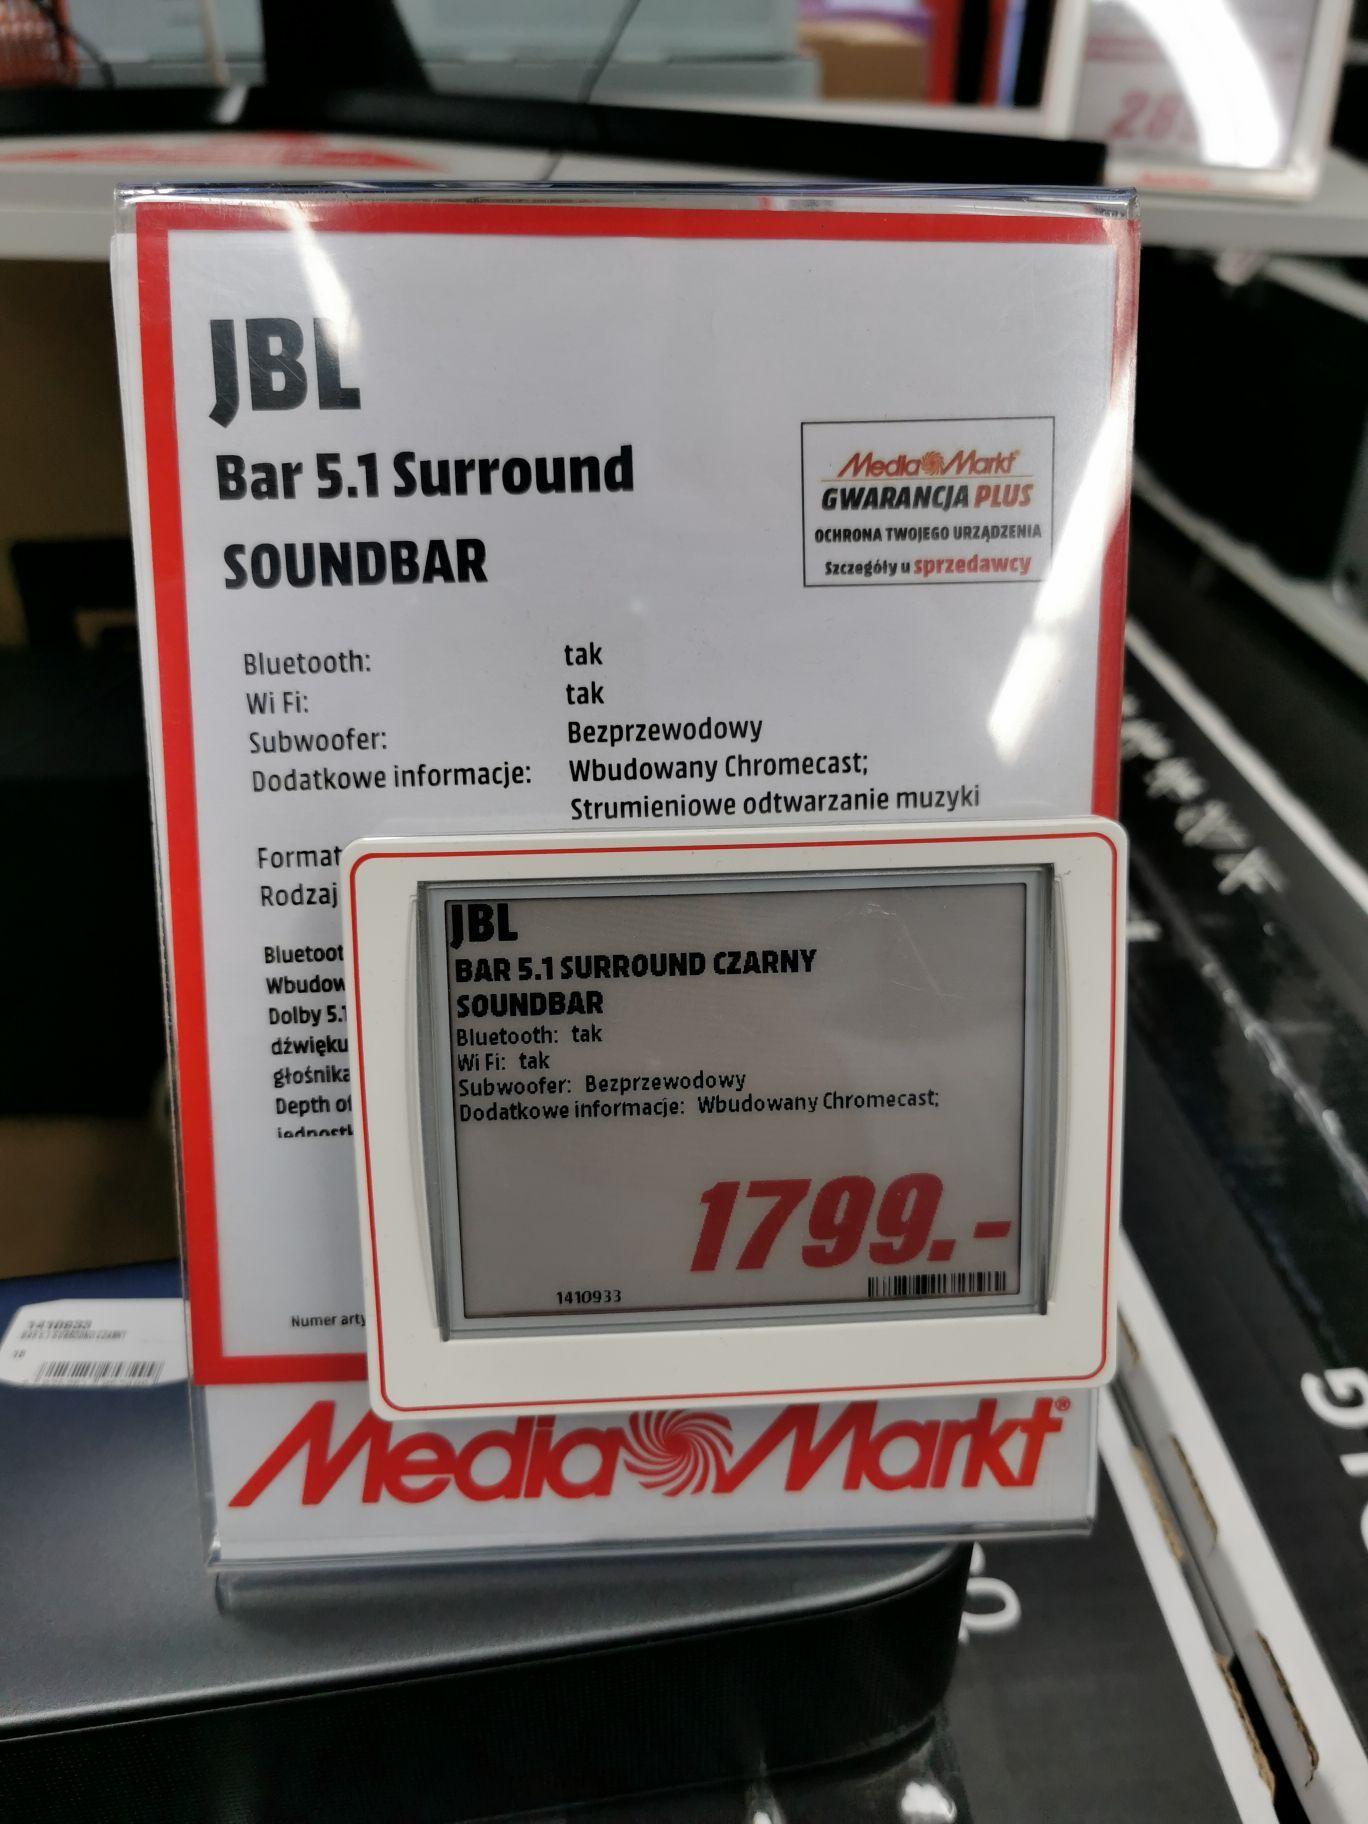 Soundbar JBL Bar 5.1 Surround MediaMarkt